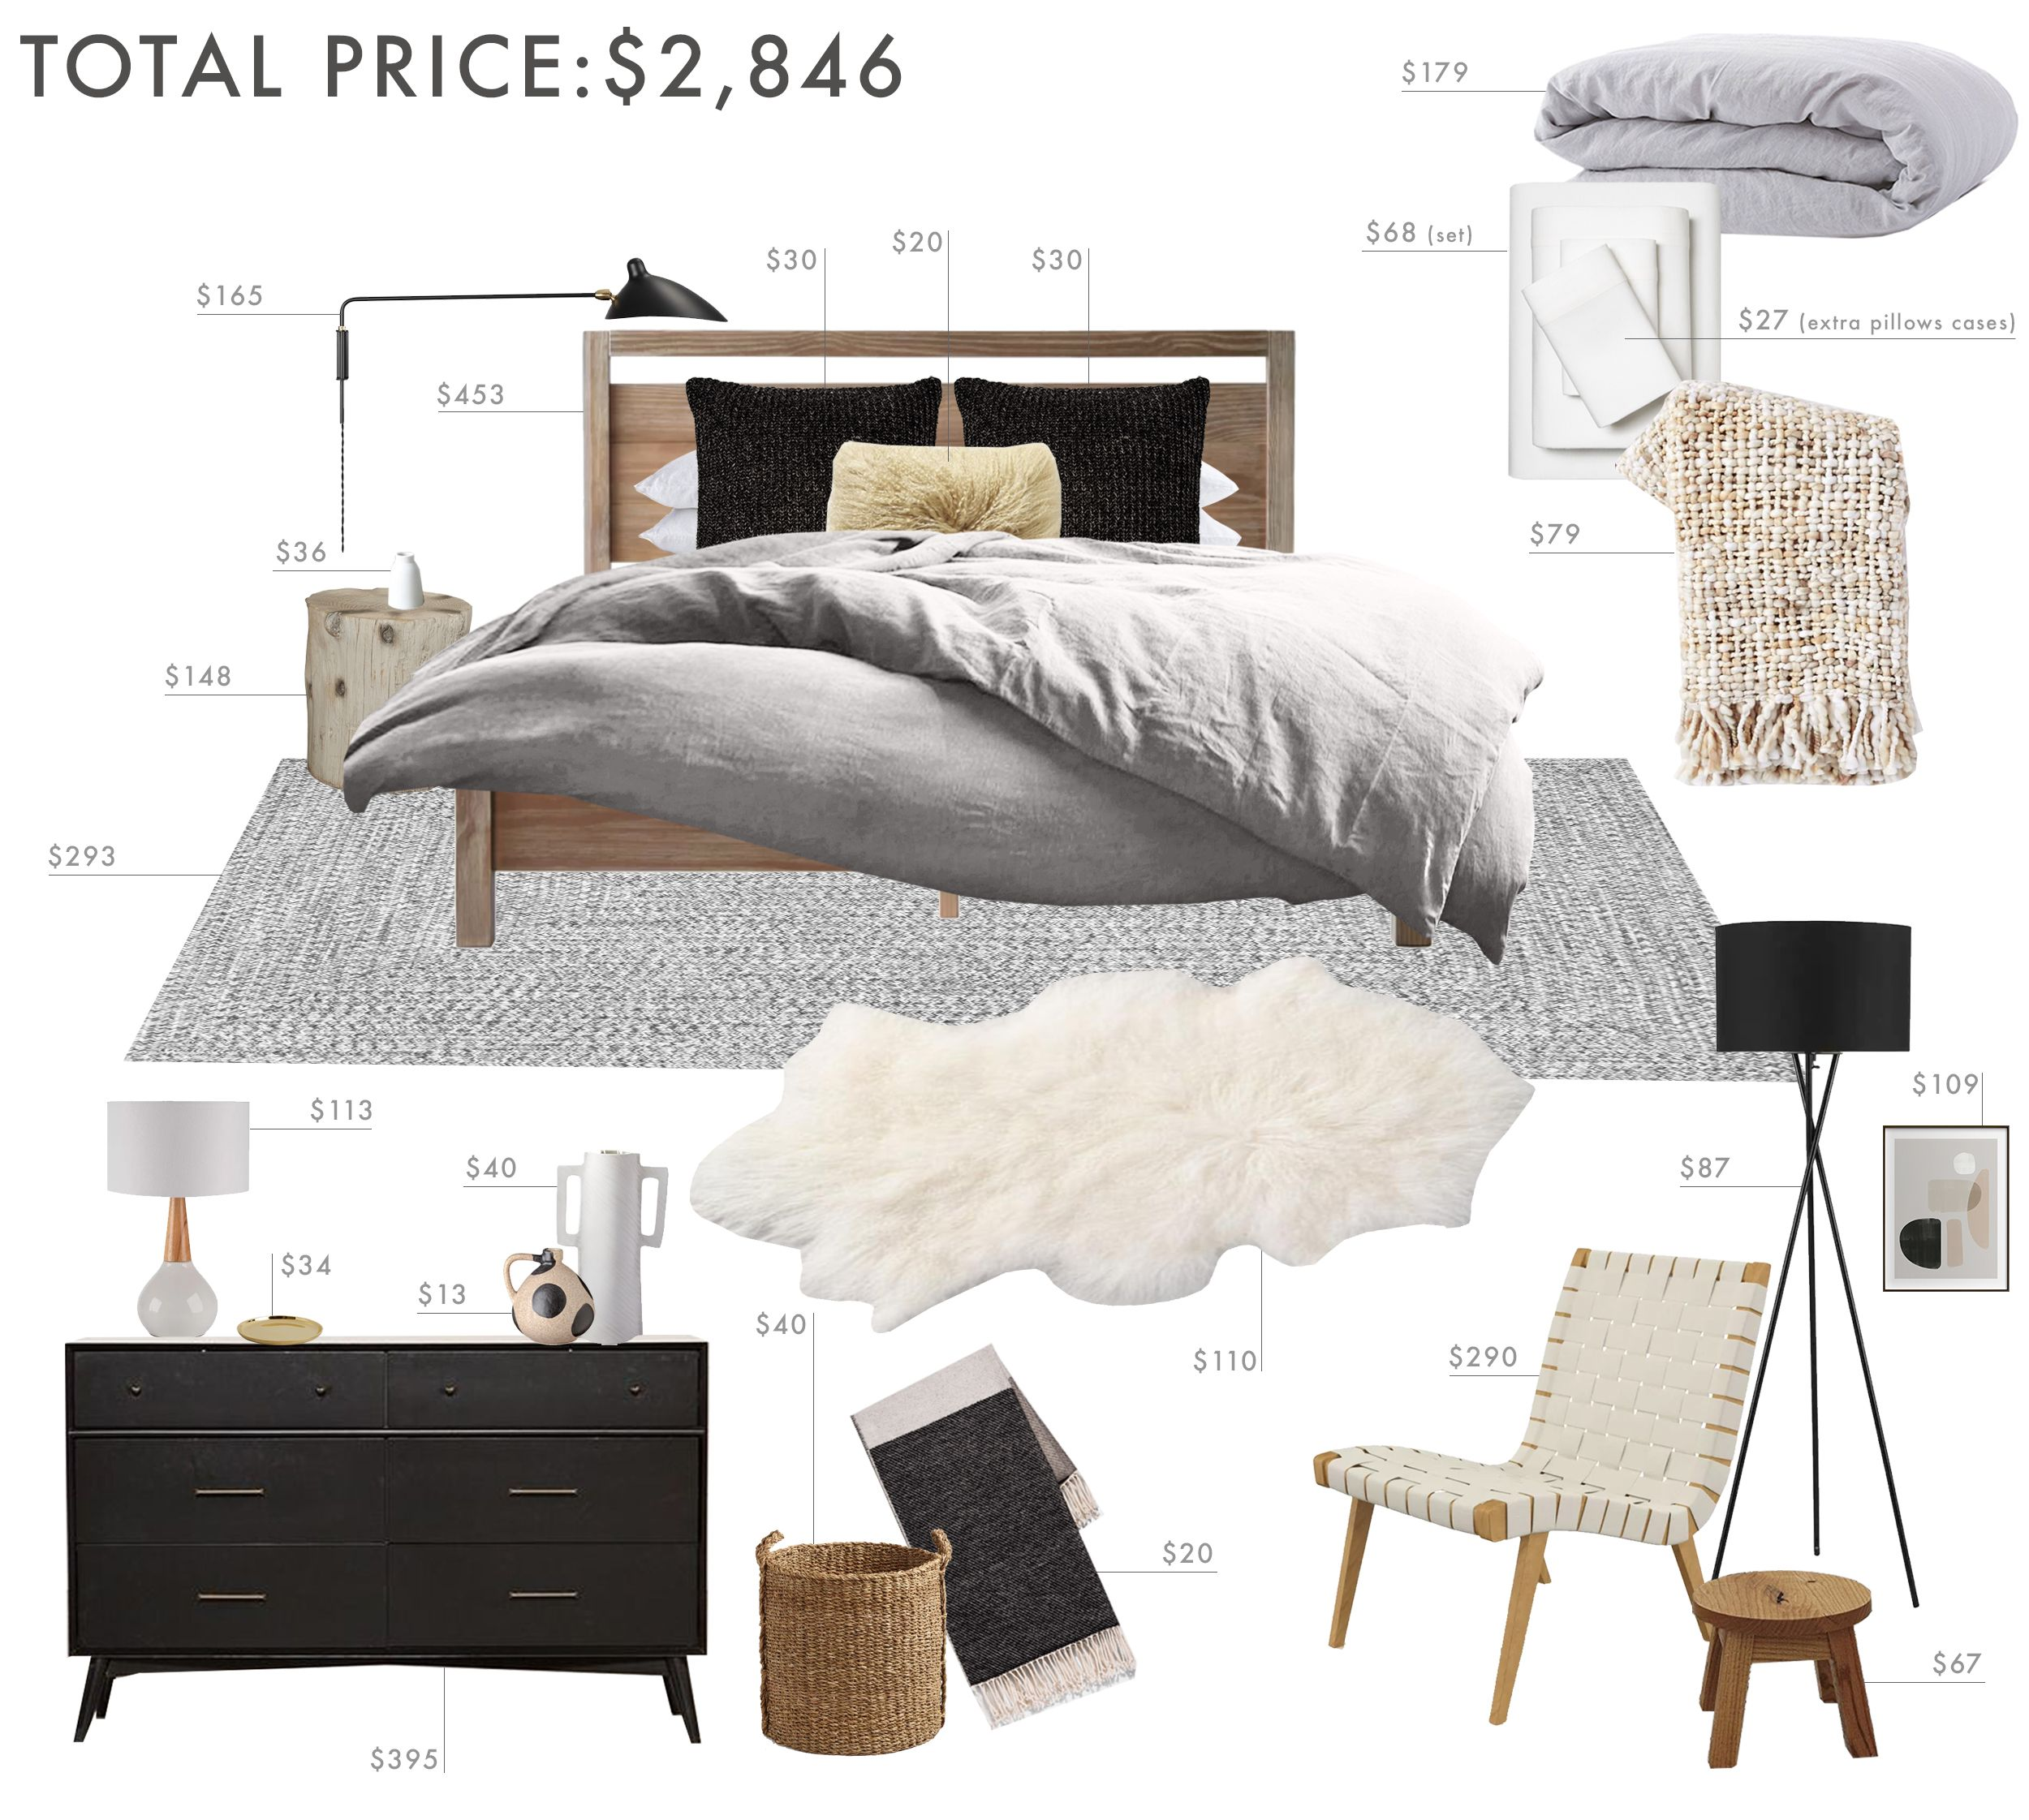 Budget Room Design Rustic And Refined Scandinavian Bedroom Emily Henderson Scandinavian Design Bedroom Scandinavian Bedroom Stylish Bedroom Design